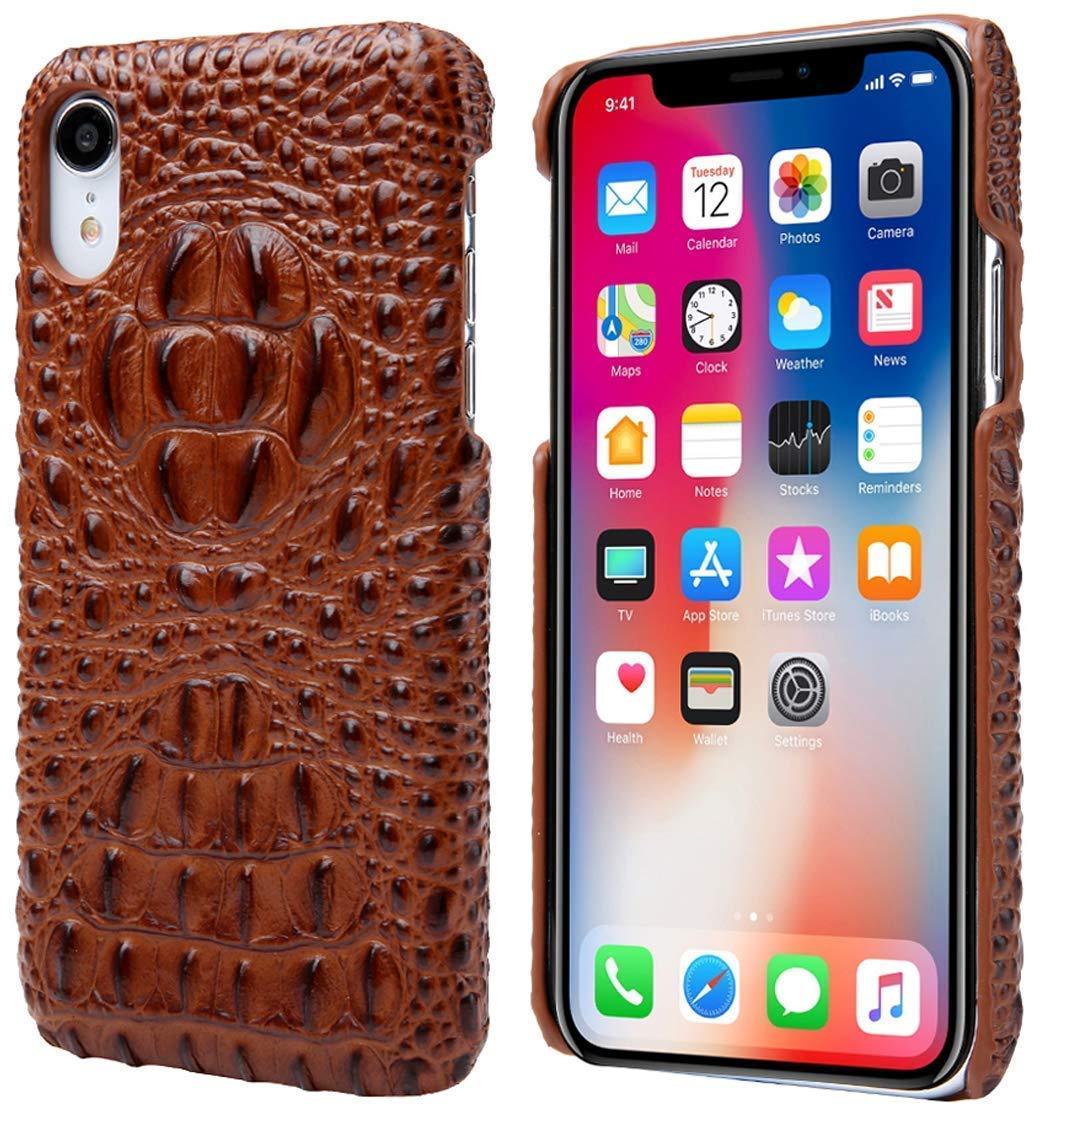 Cinlla iPhone XR携帯電話ケースカバー本物のワニヘッドレザーケースIIプレミアムスリムフィット手作り裏表紙ブラウン B07Q736ST1